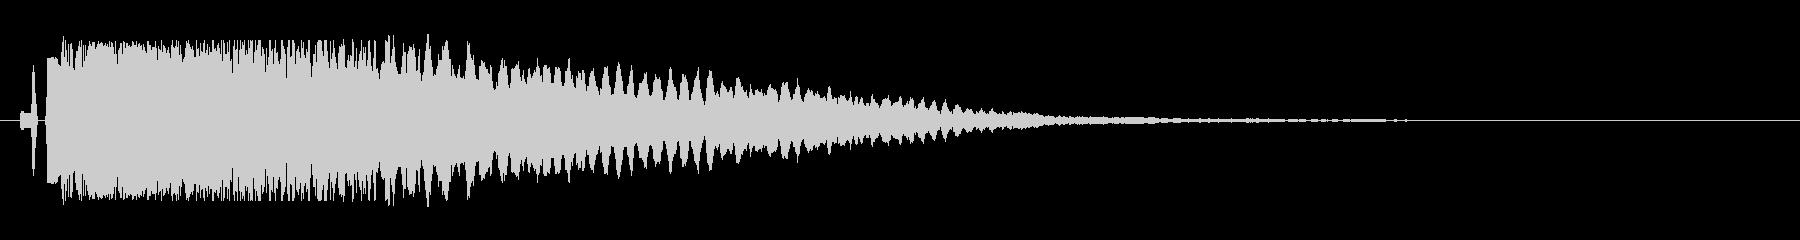 シャキーン(少し低めの音)の未再生の波形